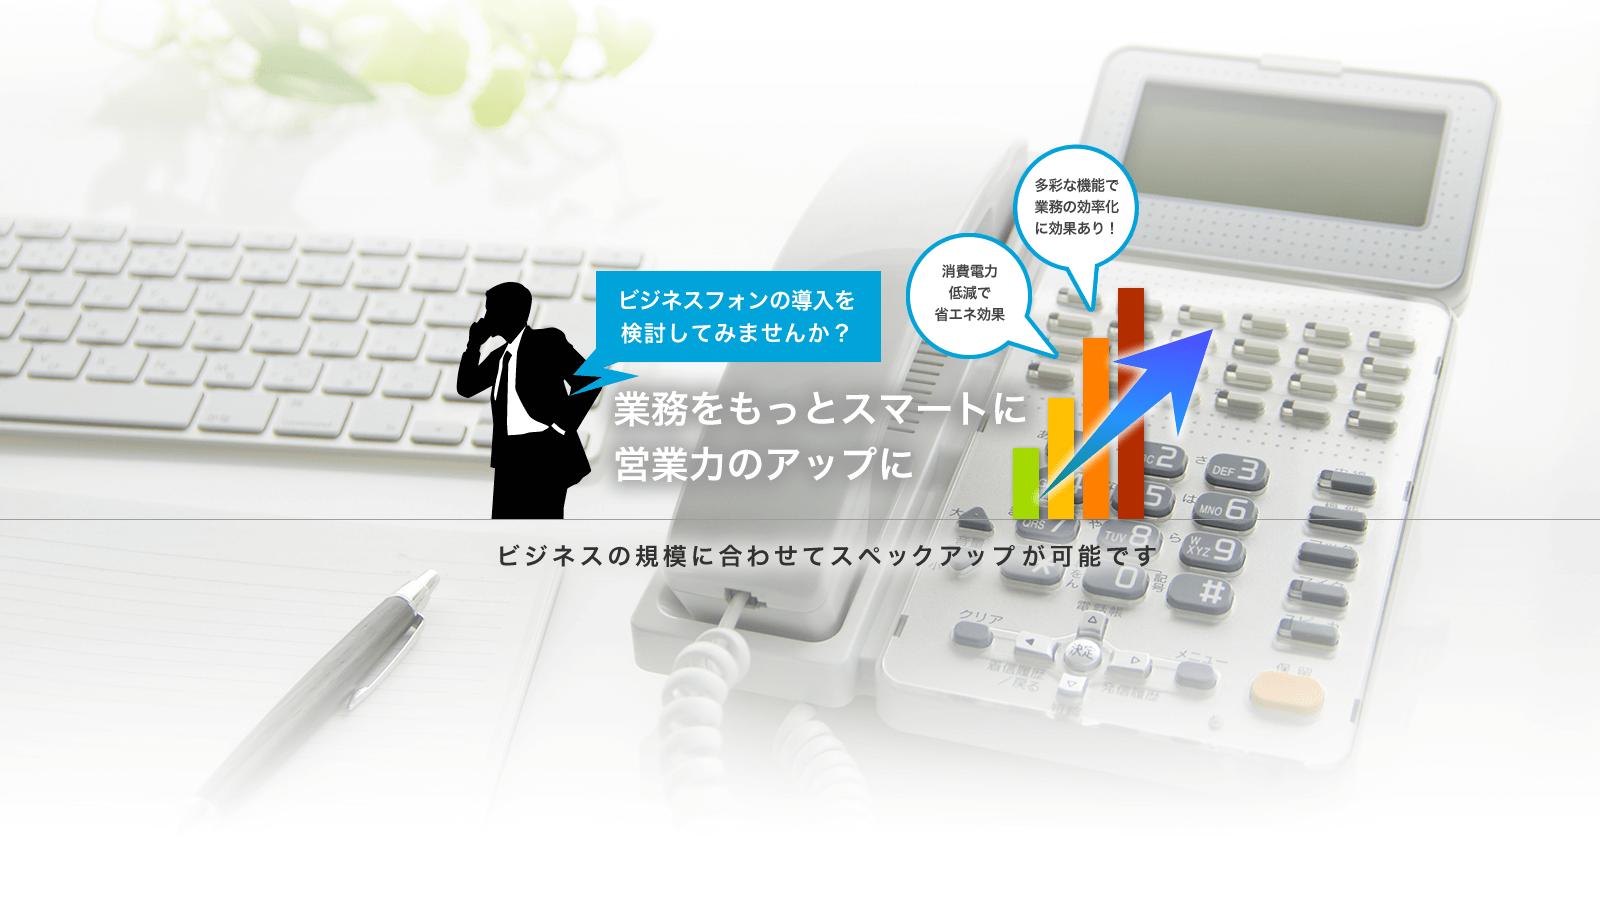 ビジネスフォンの導入を検討してみませんか?